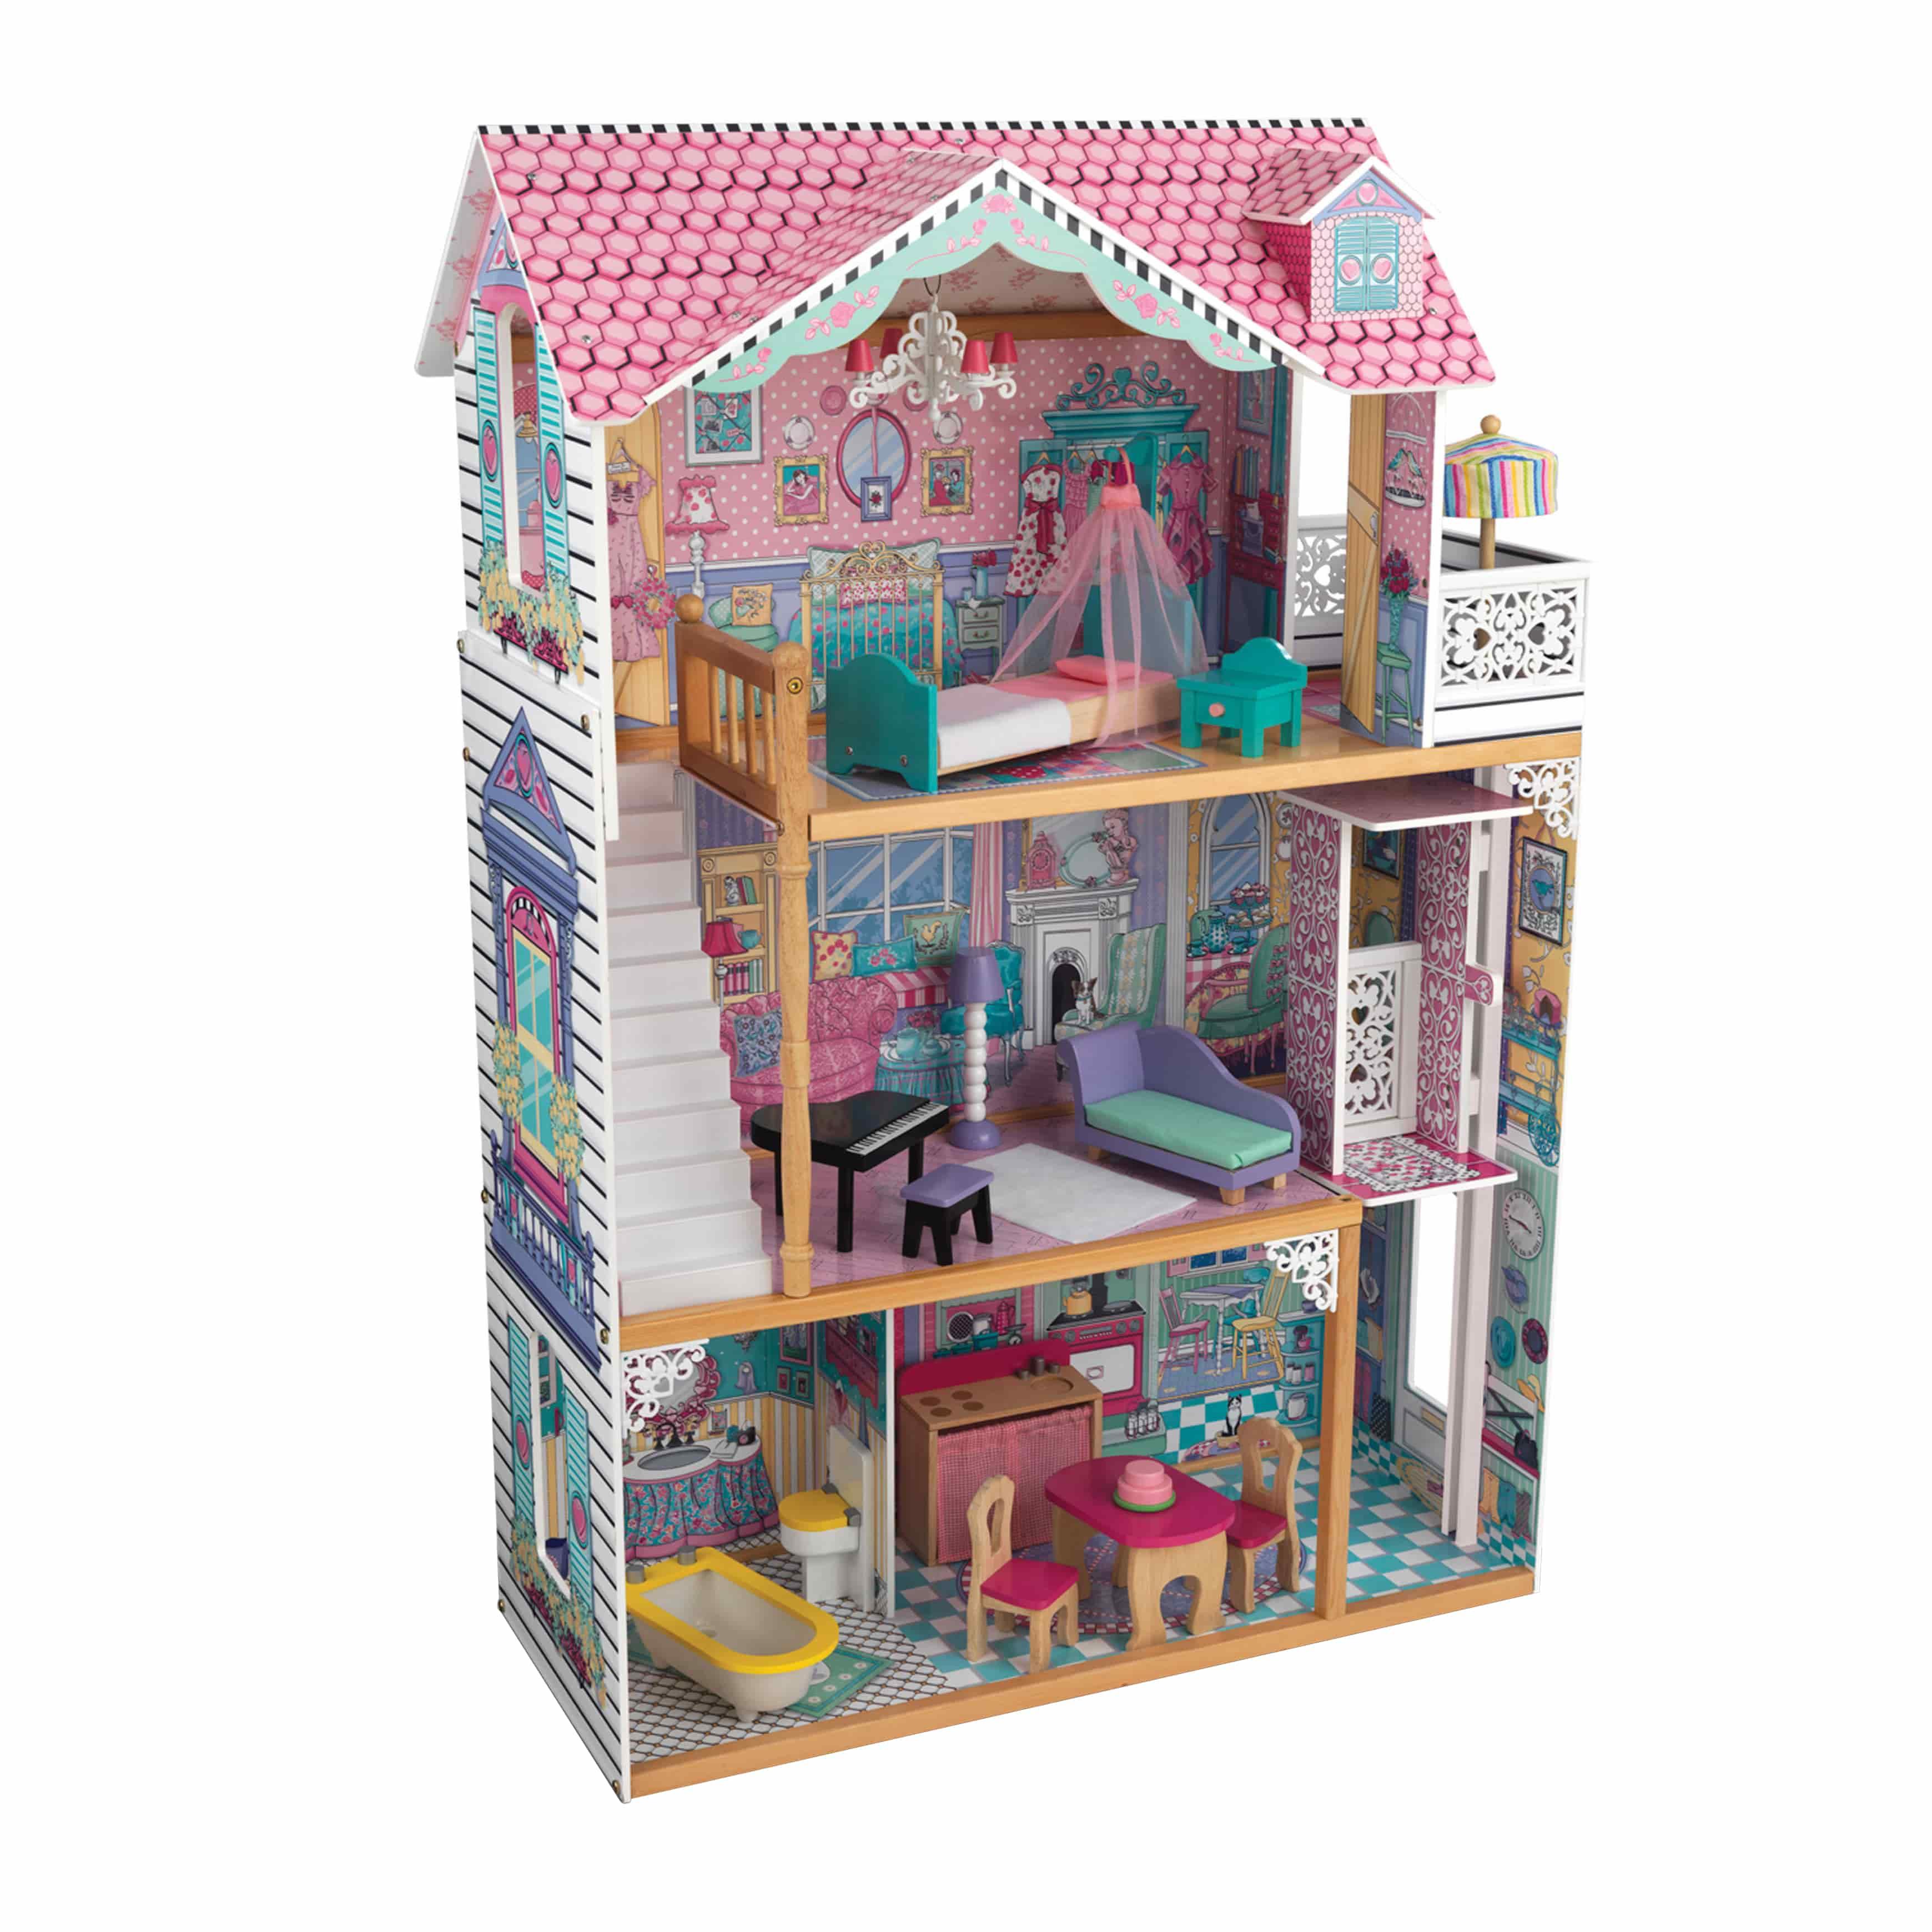 Детска дървена къща за кукли с обзавеждане Анна от Kidkaft -Магазин Bellamie